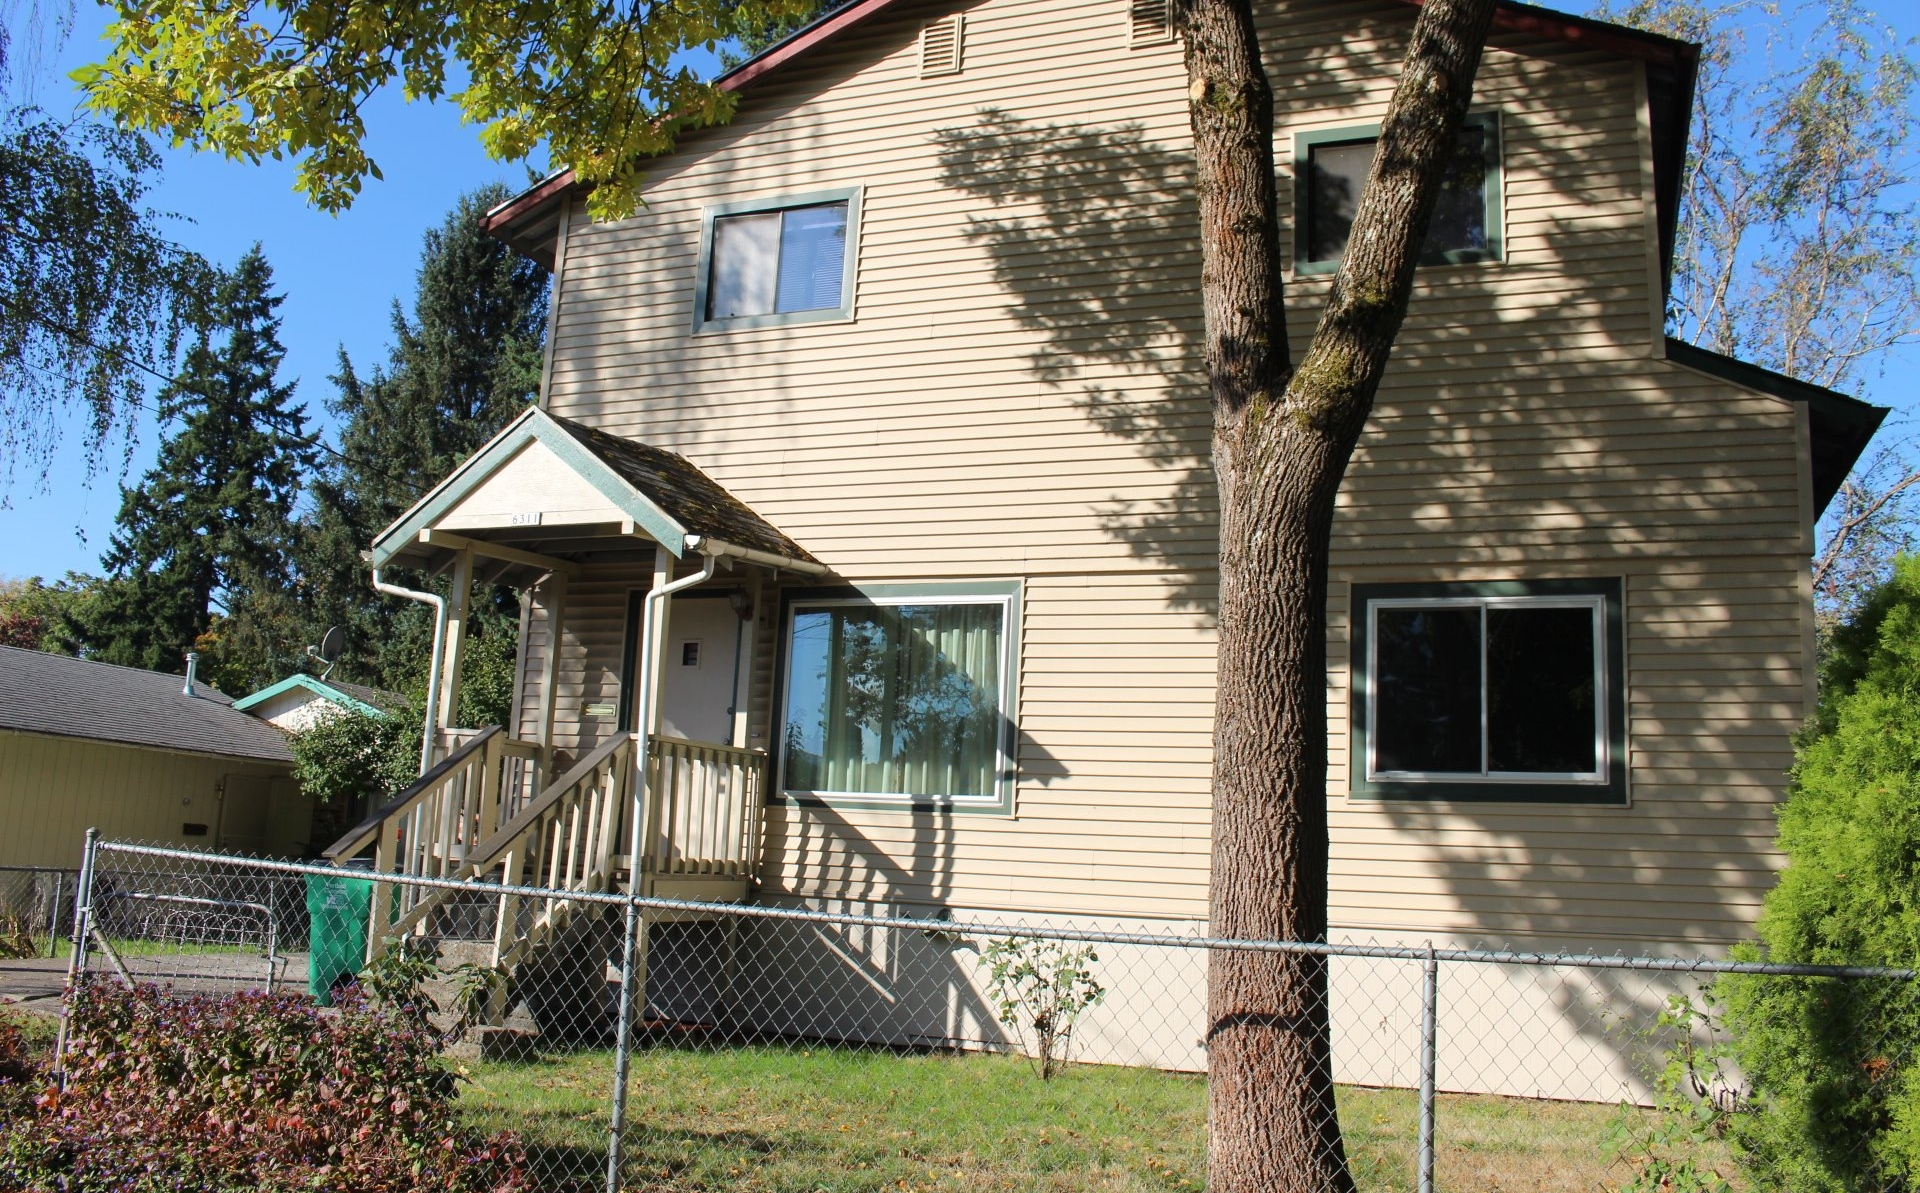 6311 SE 90th Ave // $285,000